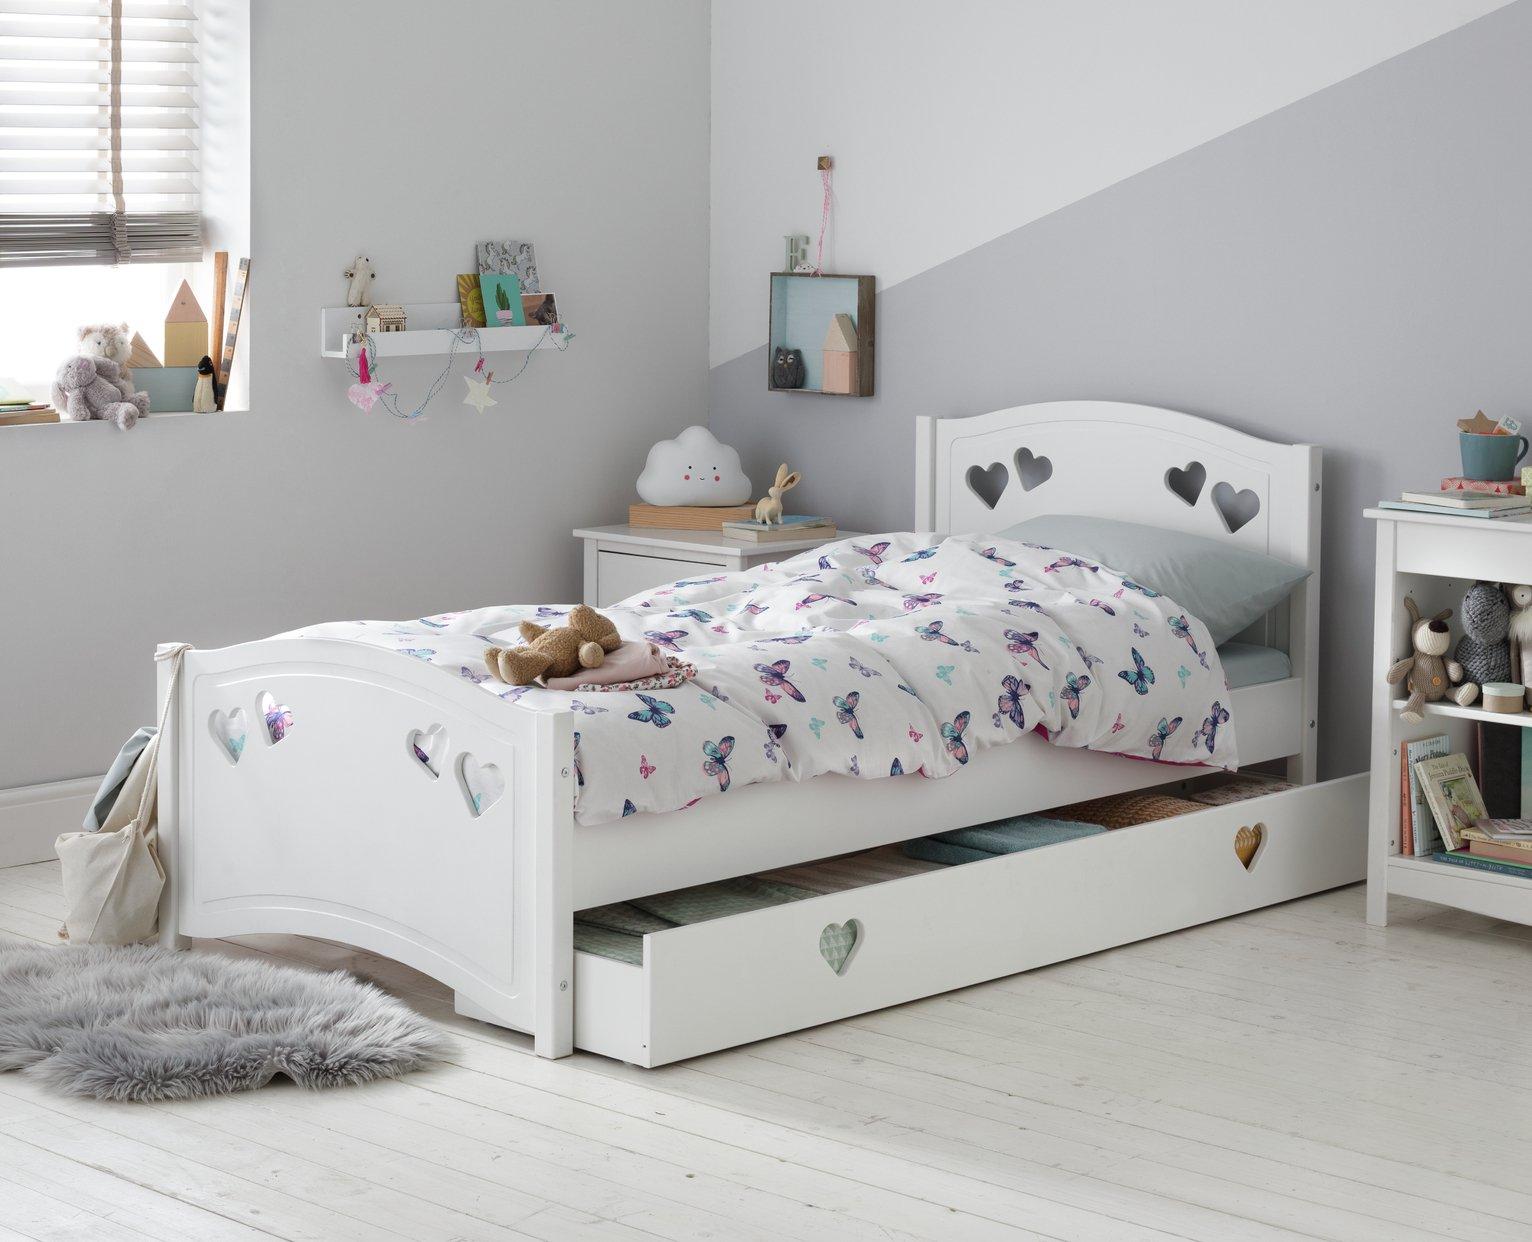 Argos Home Mia White Single Bed & Kids Mattress